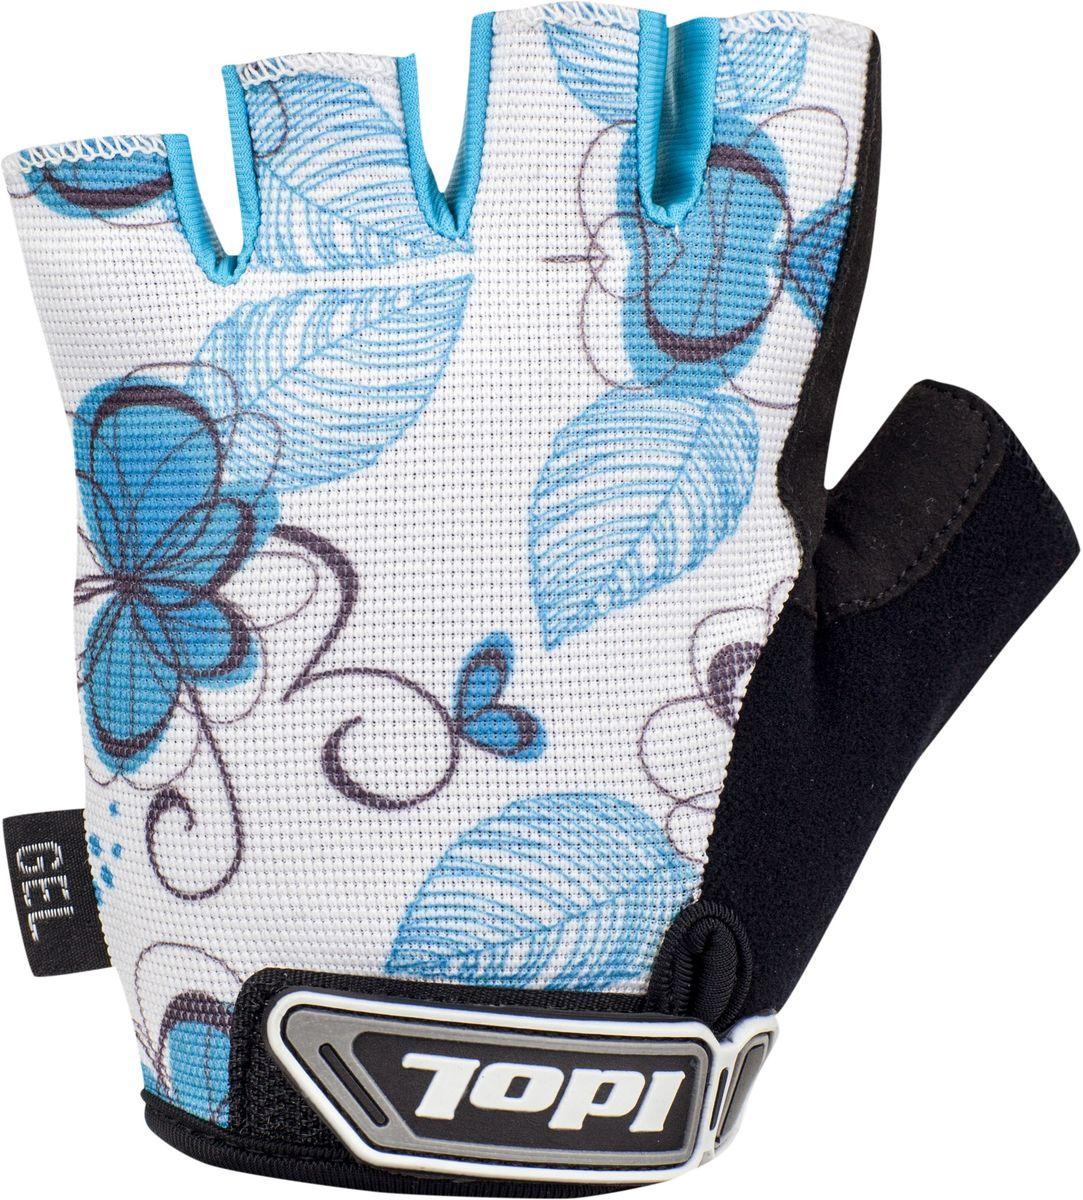 Перчатки велосипедные женские Idol Isel, цвет: белый, голубой. Размер M2716Велосипедные перчатки женские Idol, ISEL 2716 предназначены для велоспорта, велотуризма, велосипедных прогулок. - Открытые пальцы - Верх: высококачественный материал 4-way stretch повышенной дышимости - Ладонь: синтетическая кожа Amara - Гелевая вставка на ладони - Влагоотводящий материал на большом пальце - Веревочные петли для снимания - Липучка для фиксации перчатки на руке Высокое качество материалов, стильный дизайн, функциональность и прочность выделяют велоперчатки Idol среди прочих.